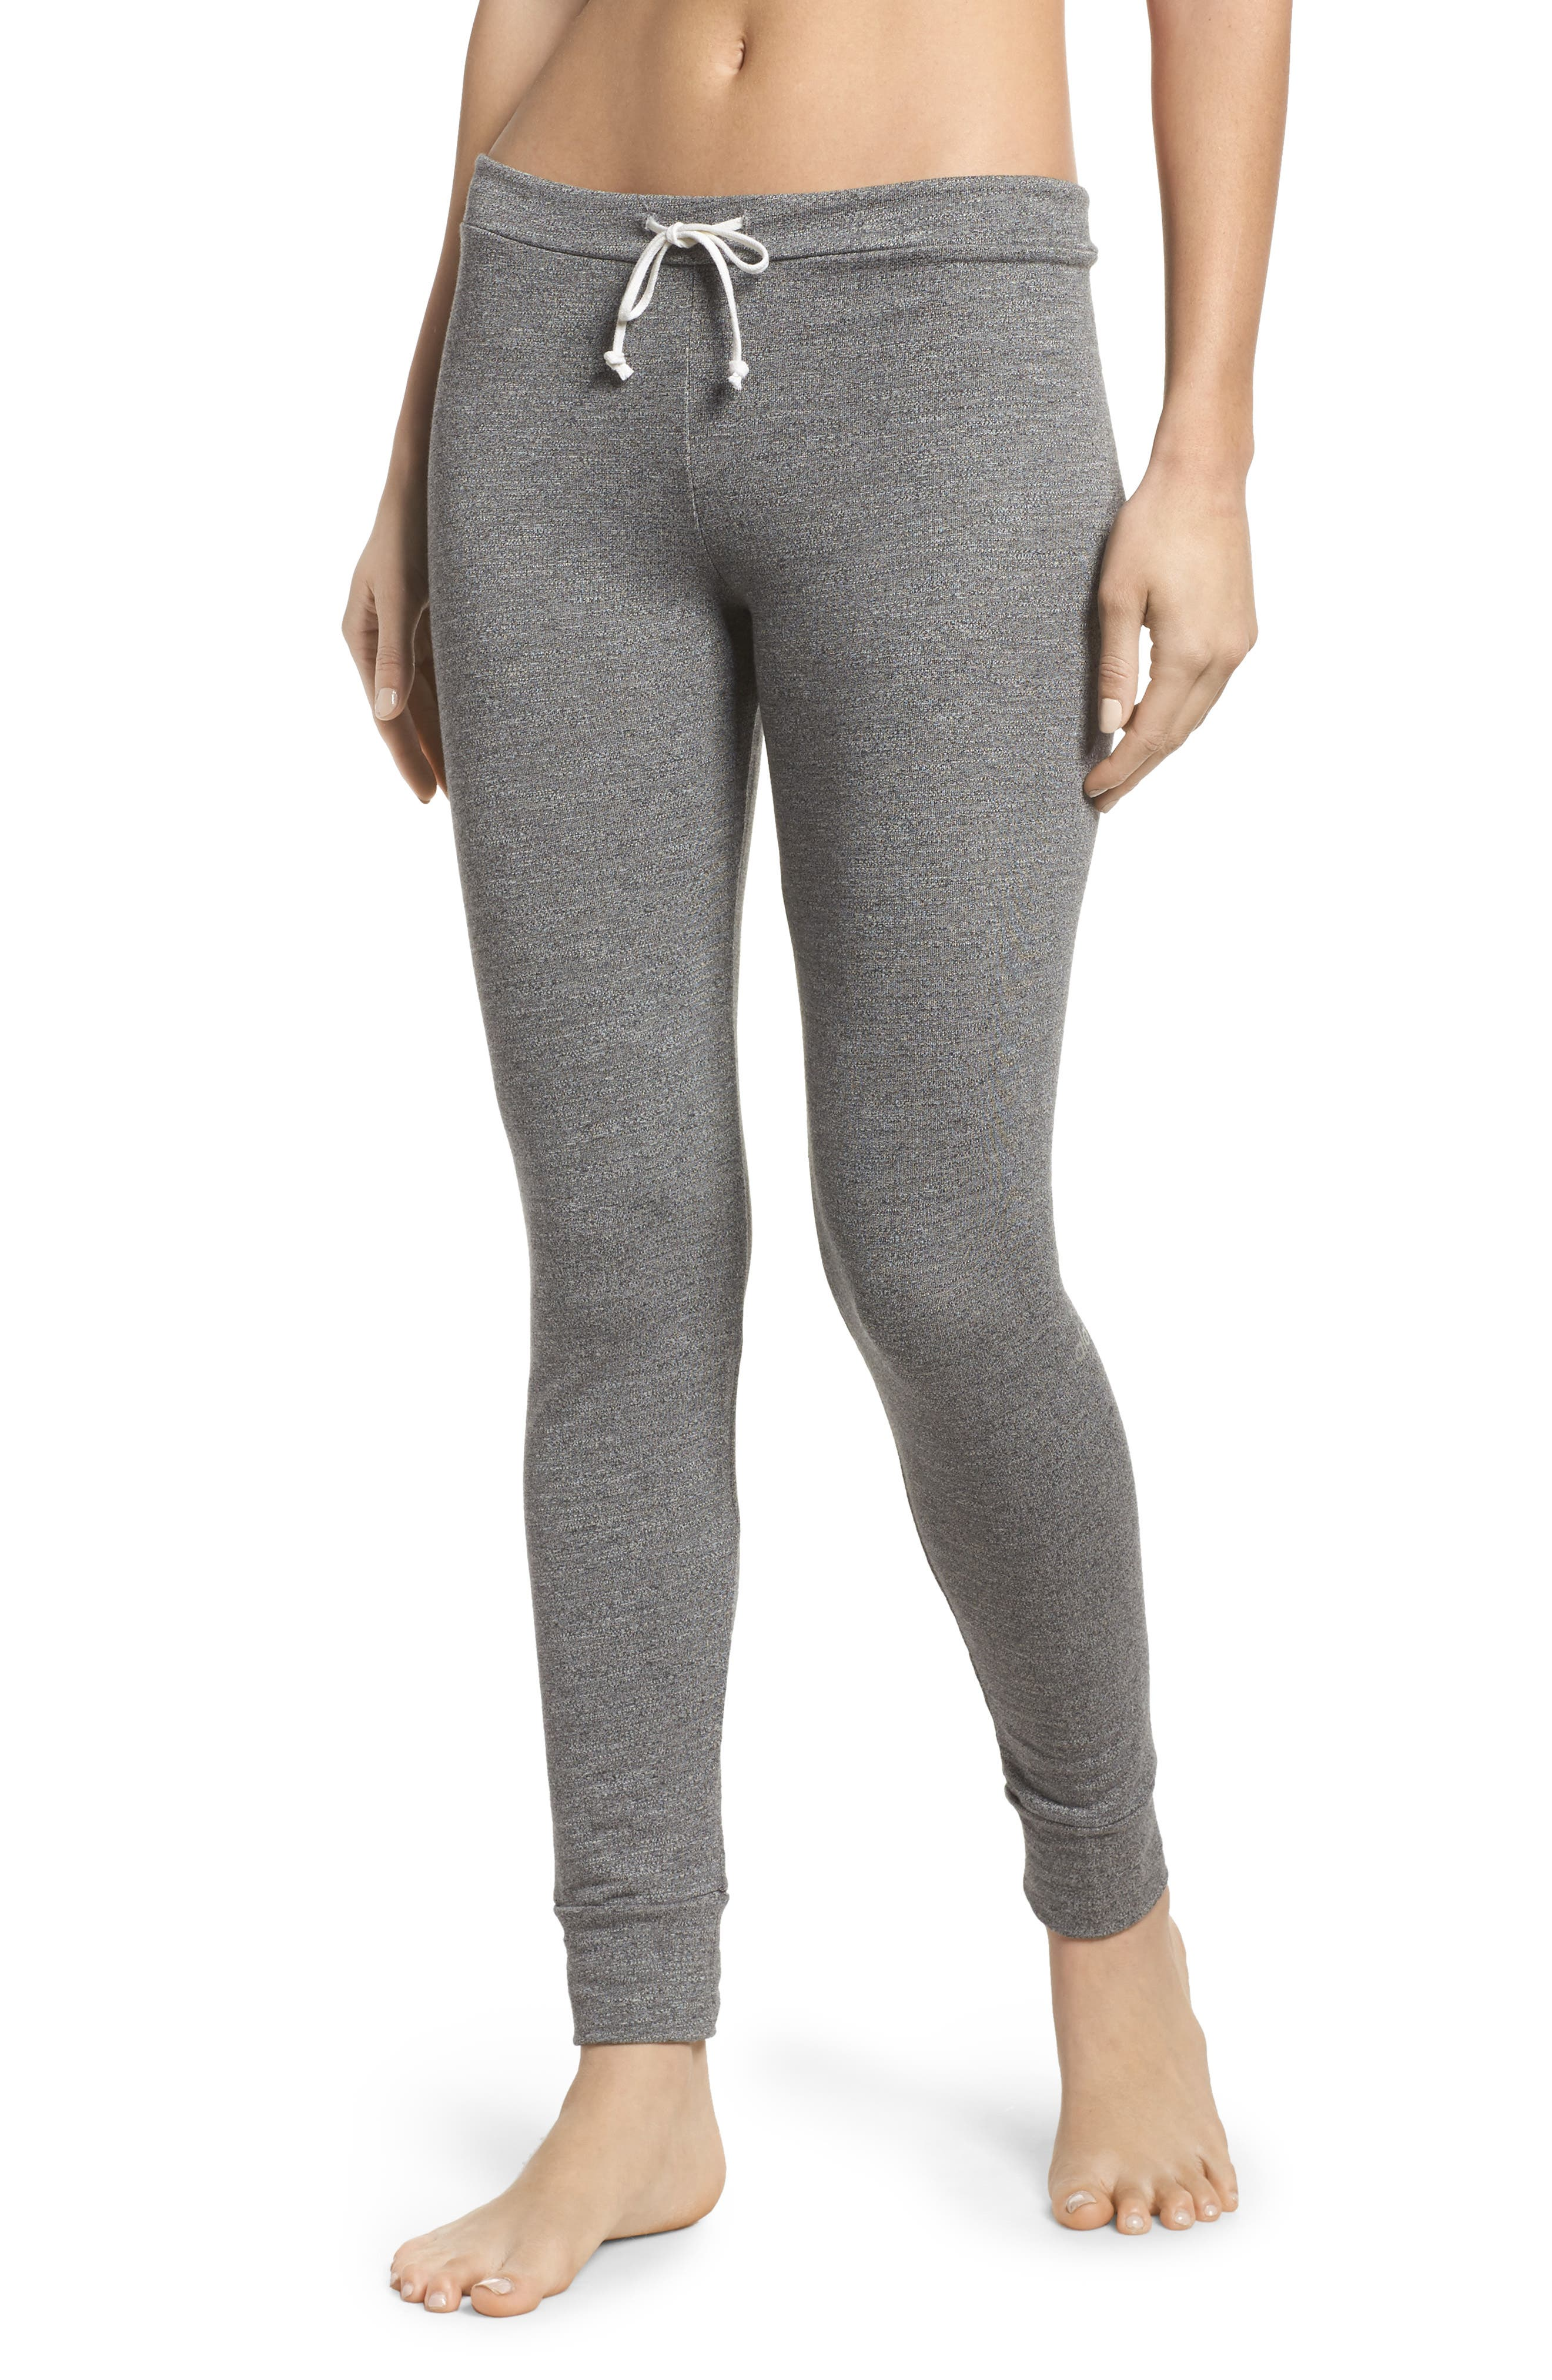 Alo Yoga Pants Tops